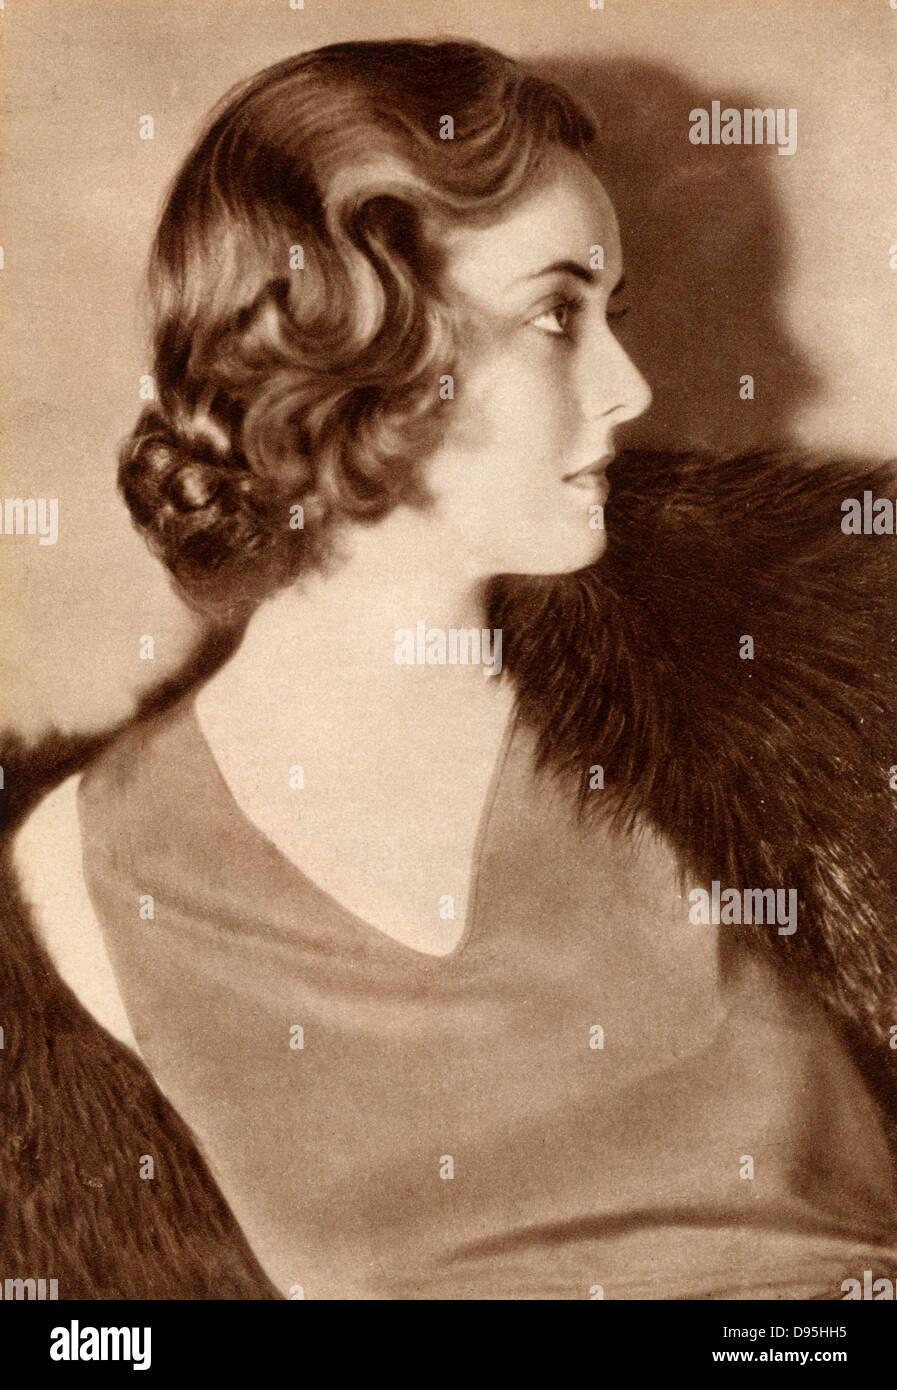 Bette Davis (1908-1989) amerikanischen Hollywood-Schauspielerin und Filmstar, als eine junge Frau. Zu fotografieren. Stockbild